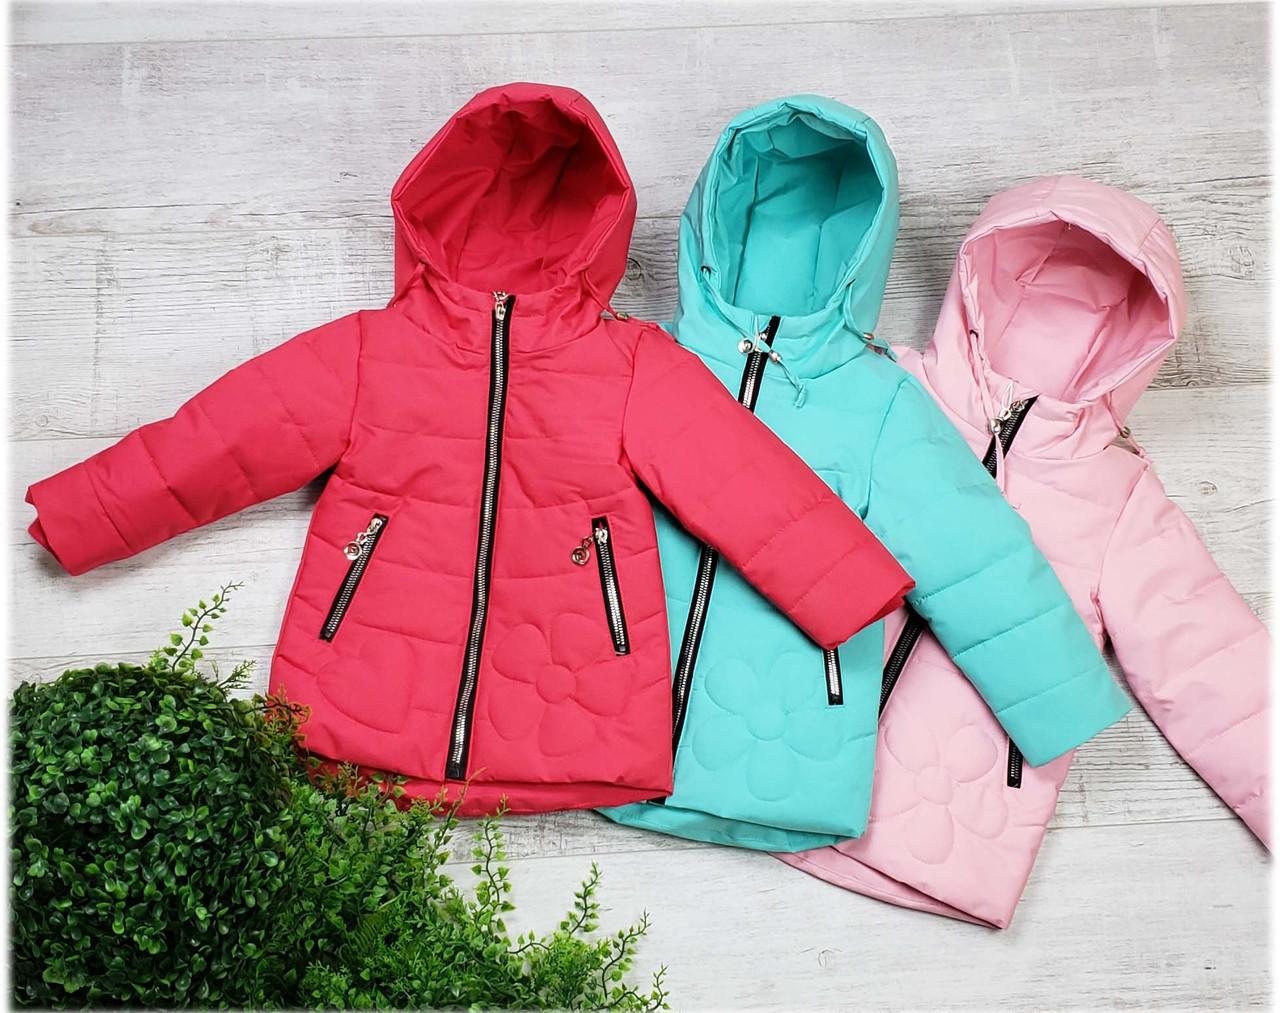 Куртка весна-осень w-10, размеры 80-104 (1-3 лет), цвет красный, голубой